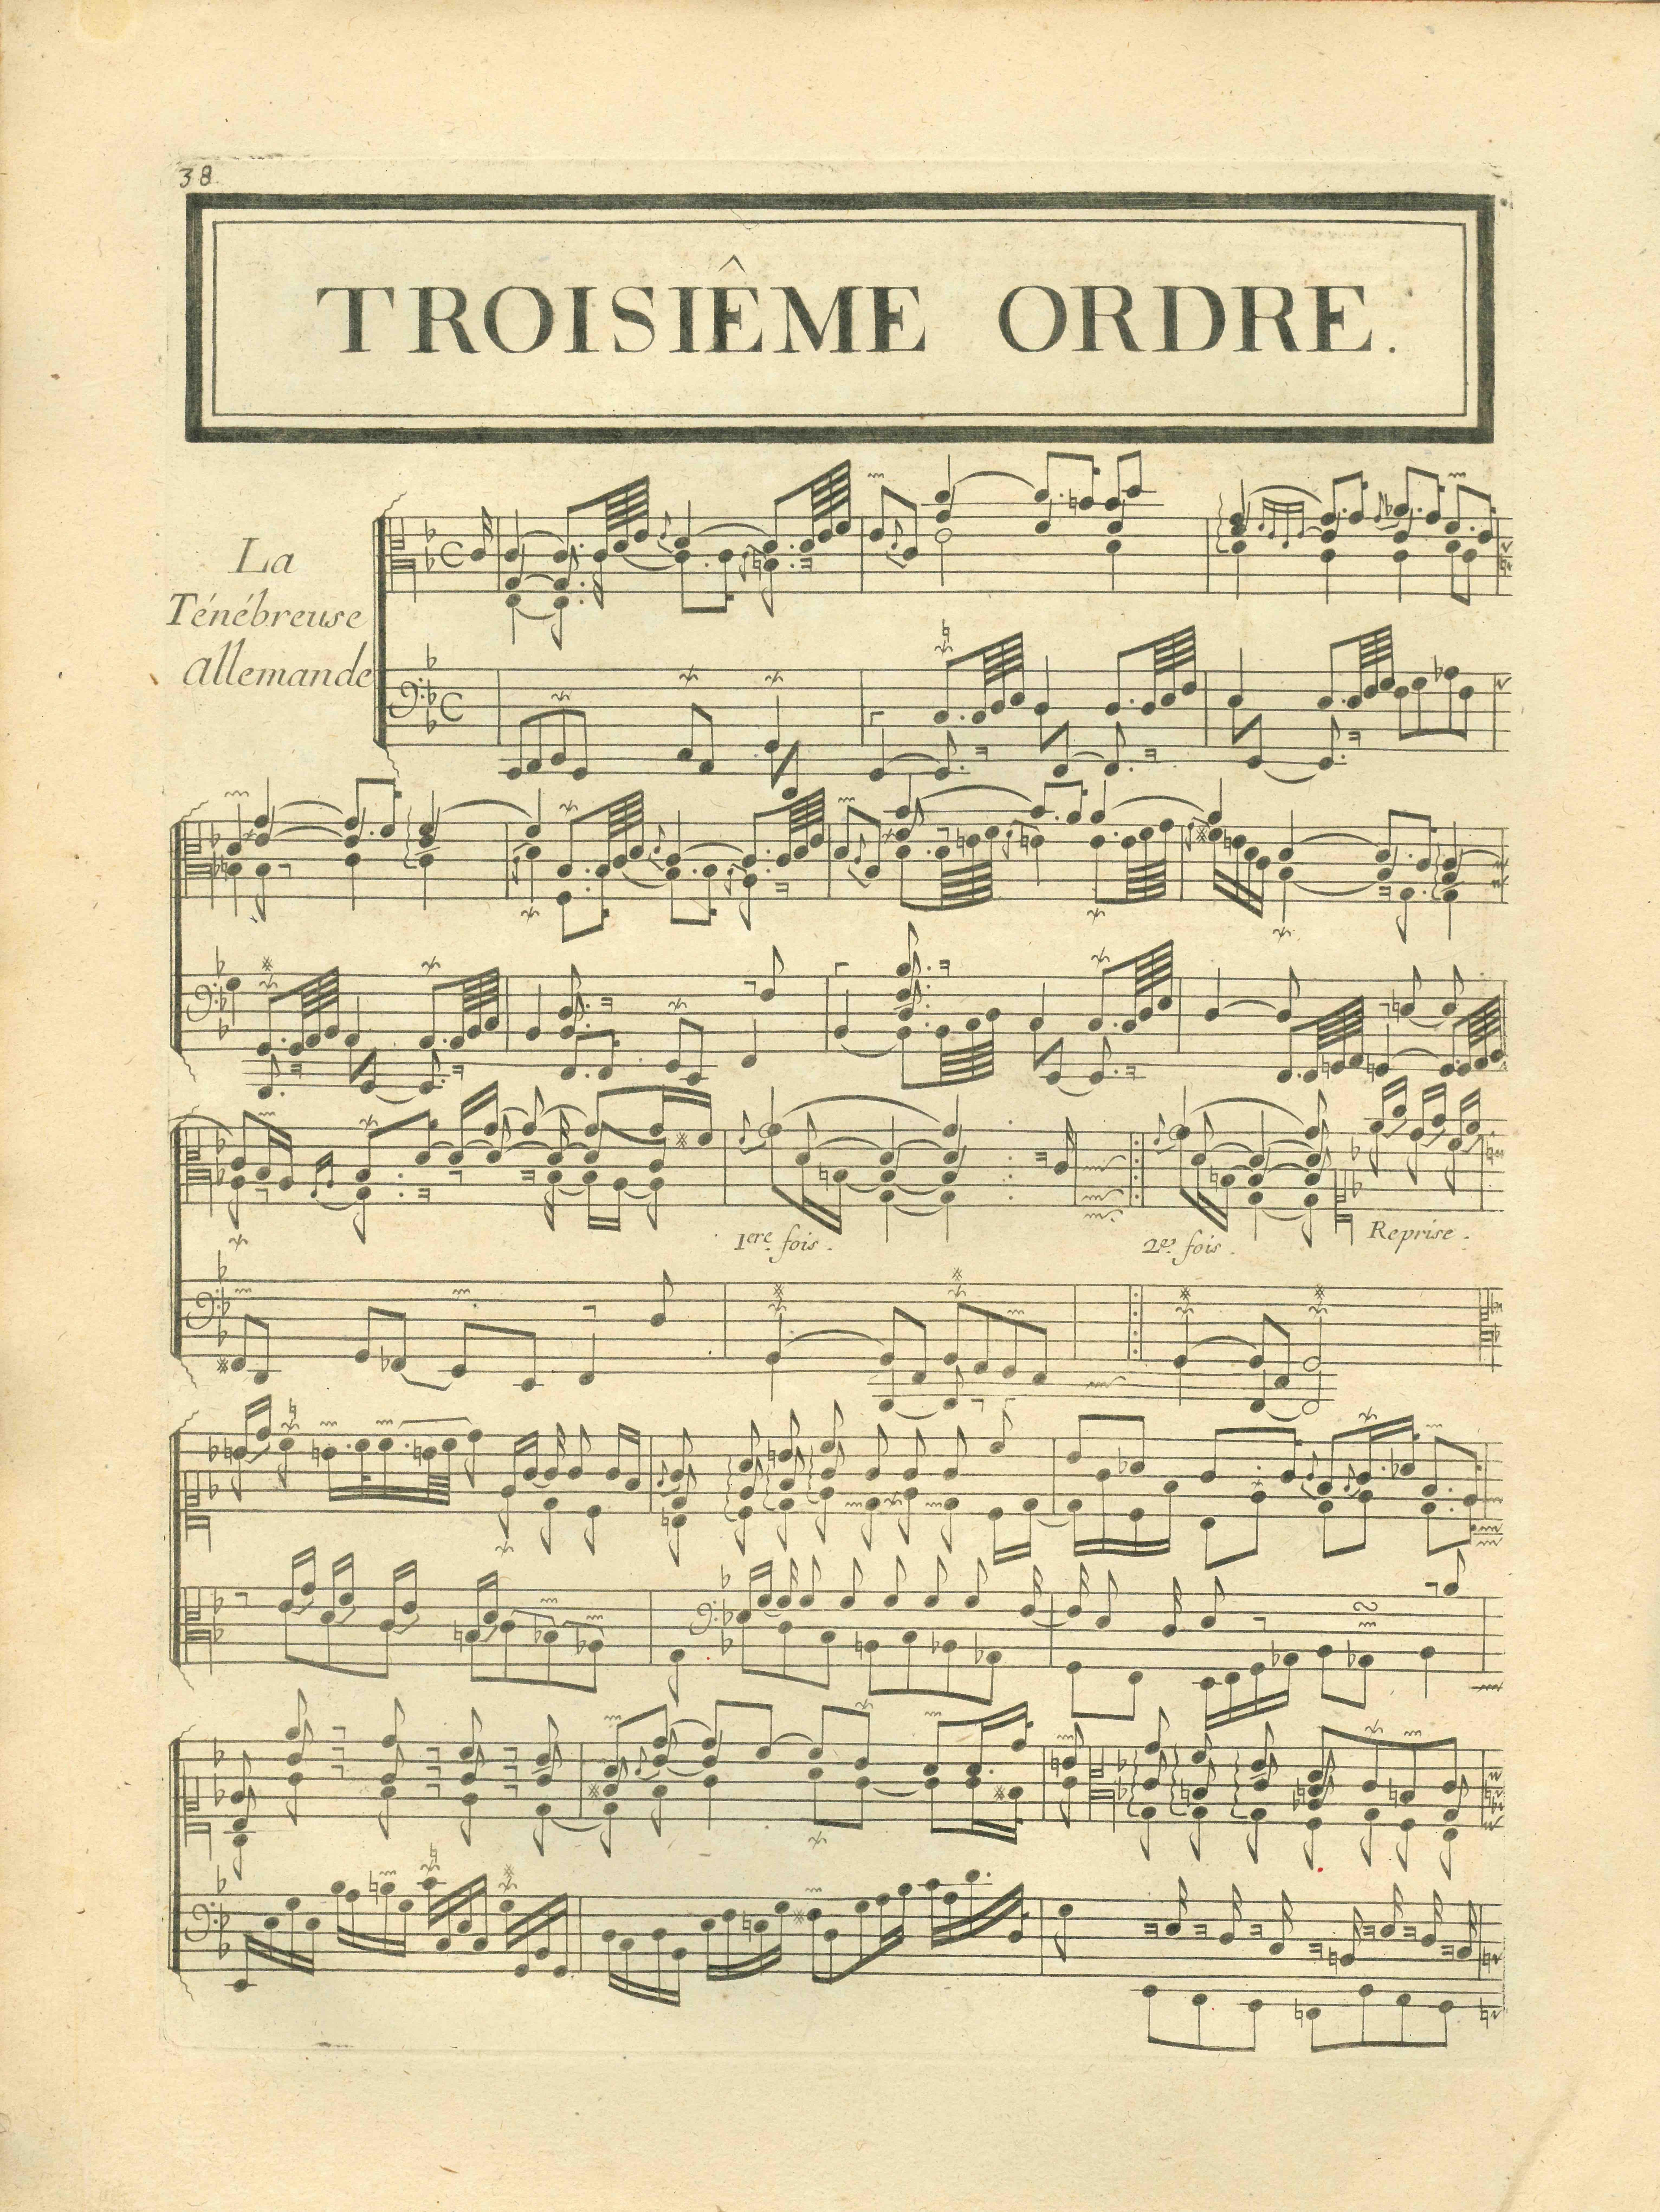 UniM Bail Music RB f  LHD 027 <br> François Couperin, composer ;  <br> Pieces de clavecin. Premier livre  <br> Paris , [1713 or 1734] <br> Hanson-Dyer Collection